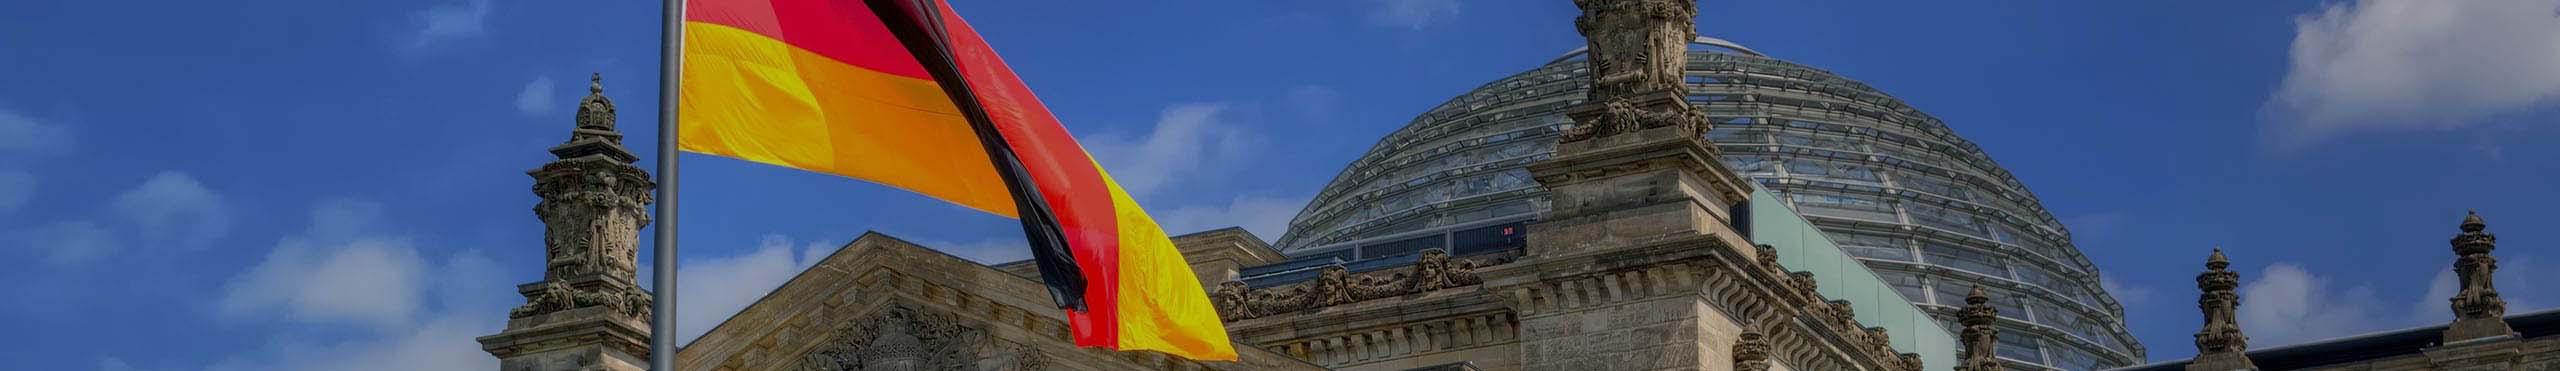 L'Allemagne : la locomotive à quai ?